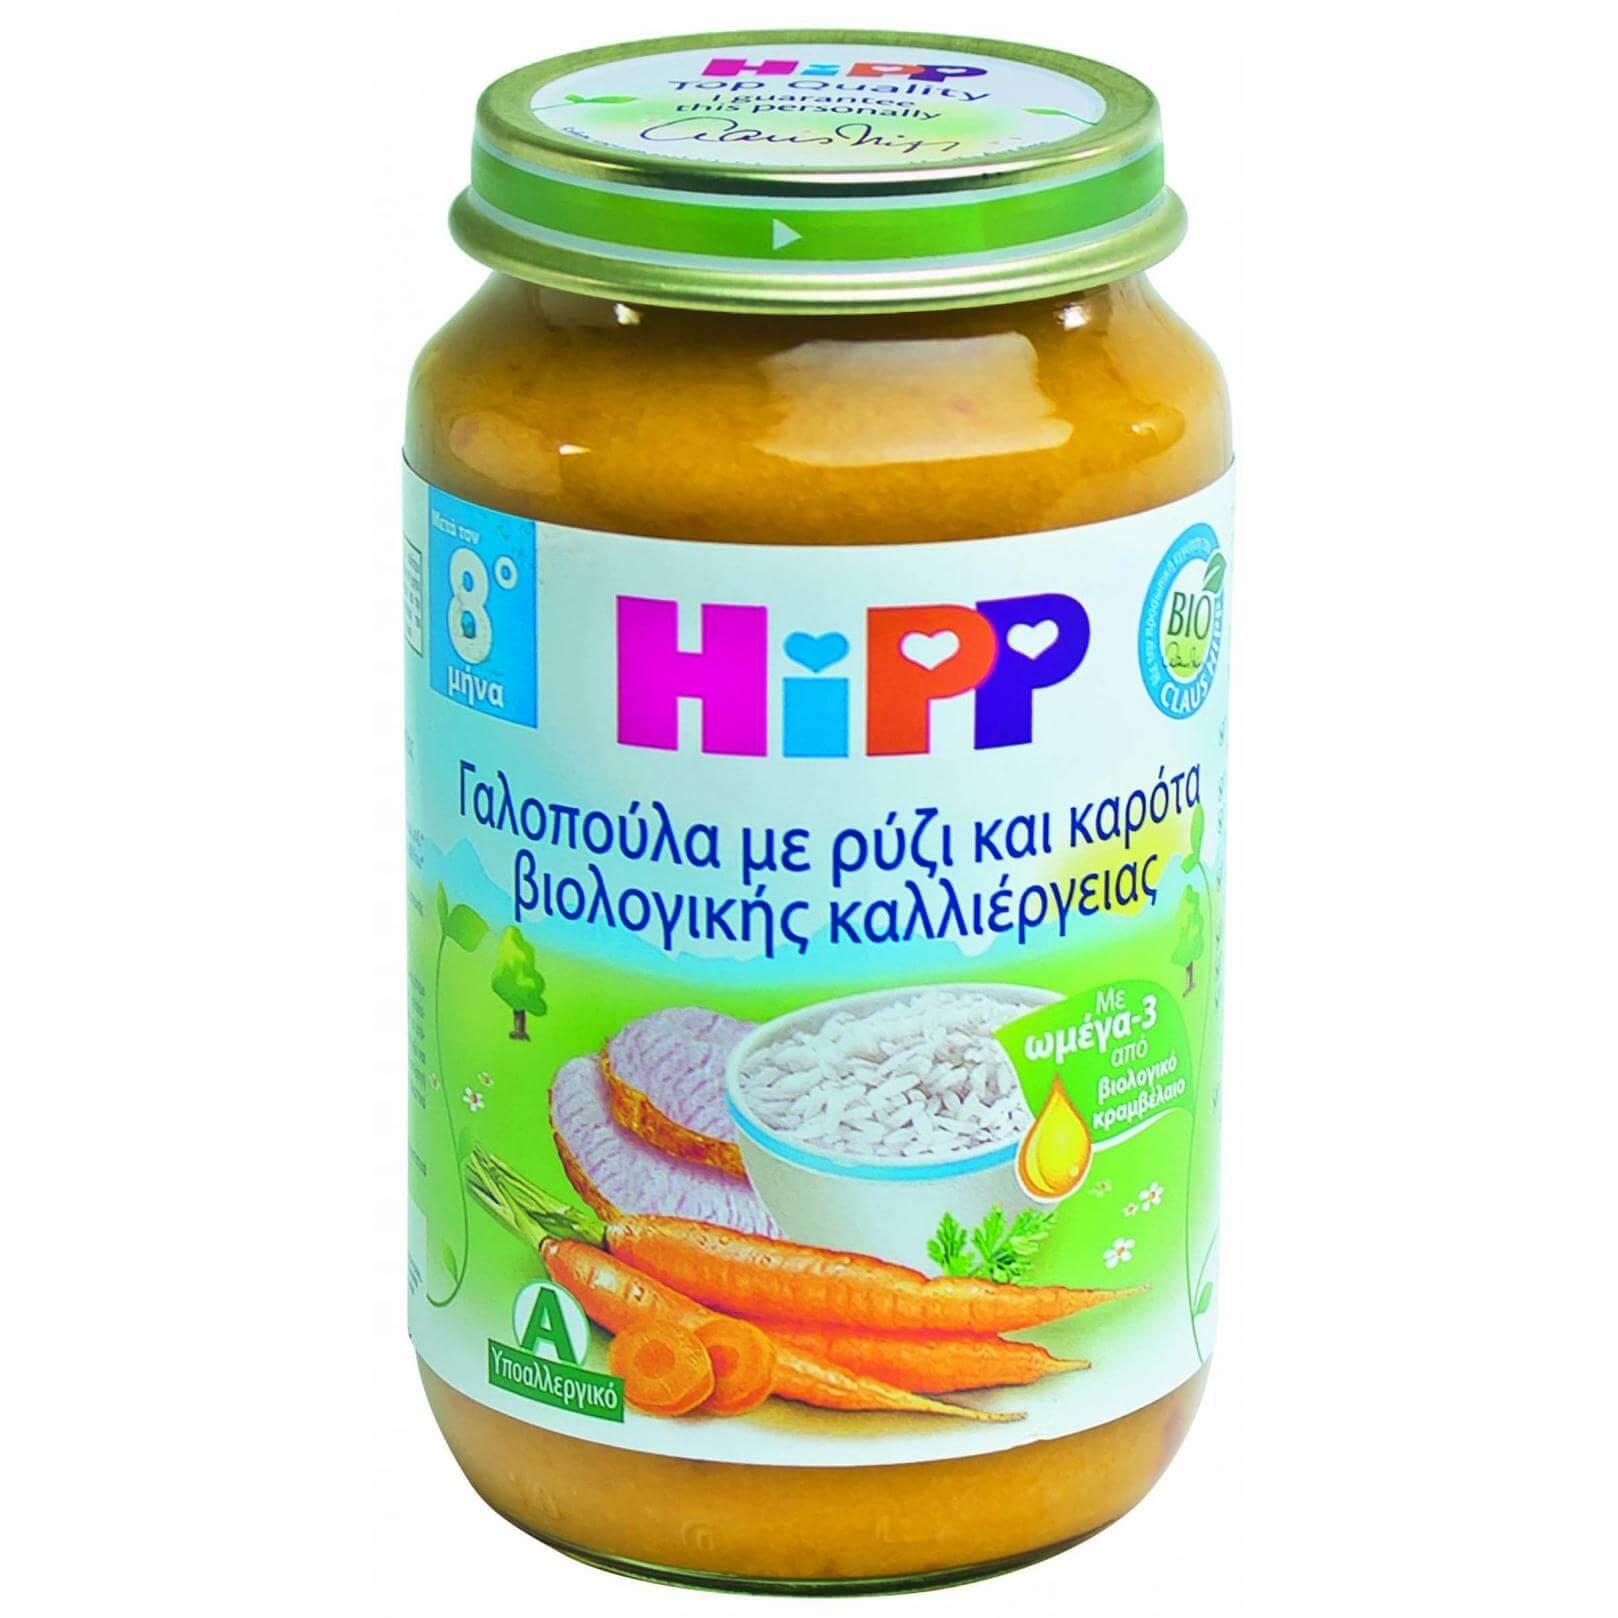 HiPP Βρεφικό Γεύμα Υποαλλεργικό Γαλοπούλα Με Ρύζι Και Καρότα Βιολογικής Καλλιέργειας Απο τον 8ο Μήνα 220gr